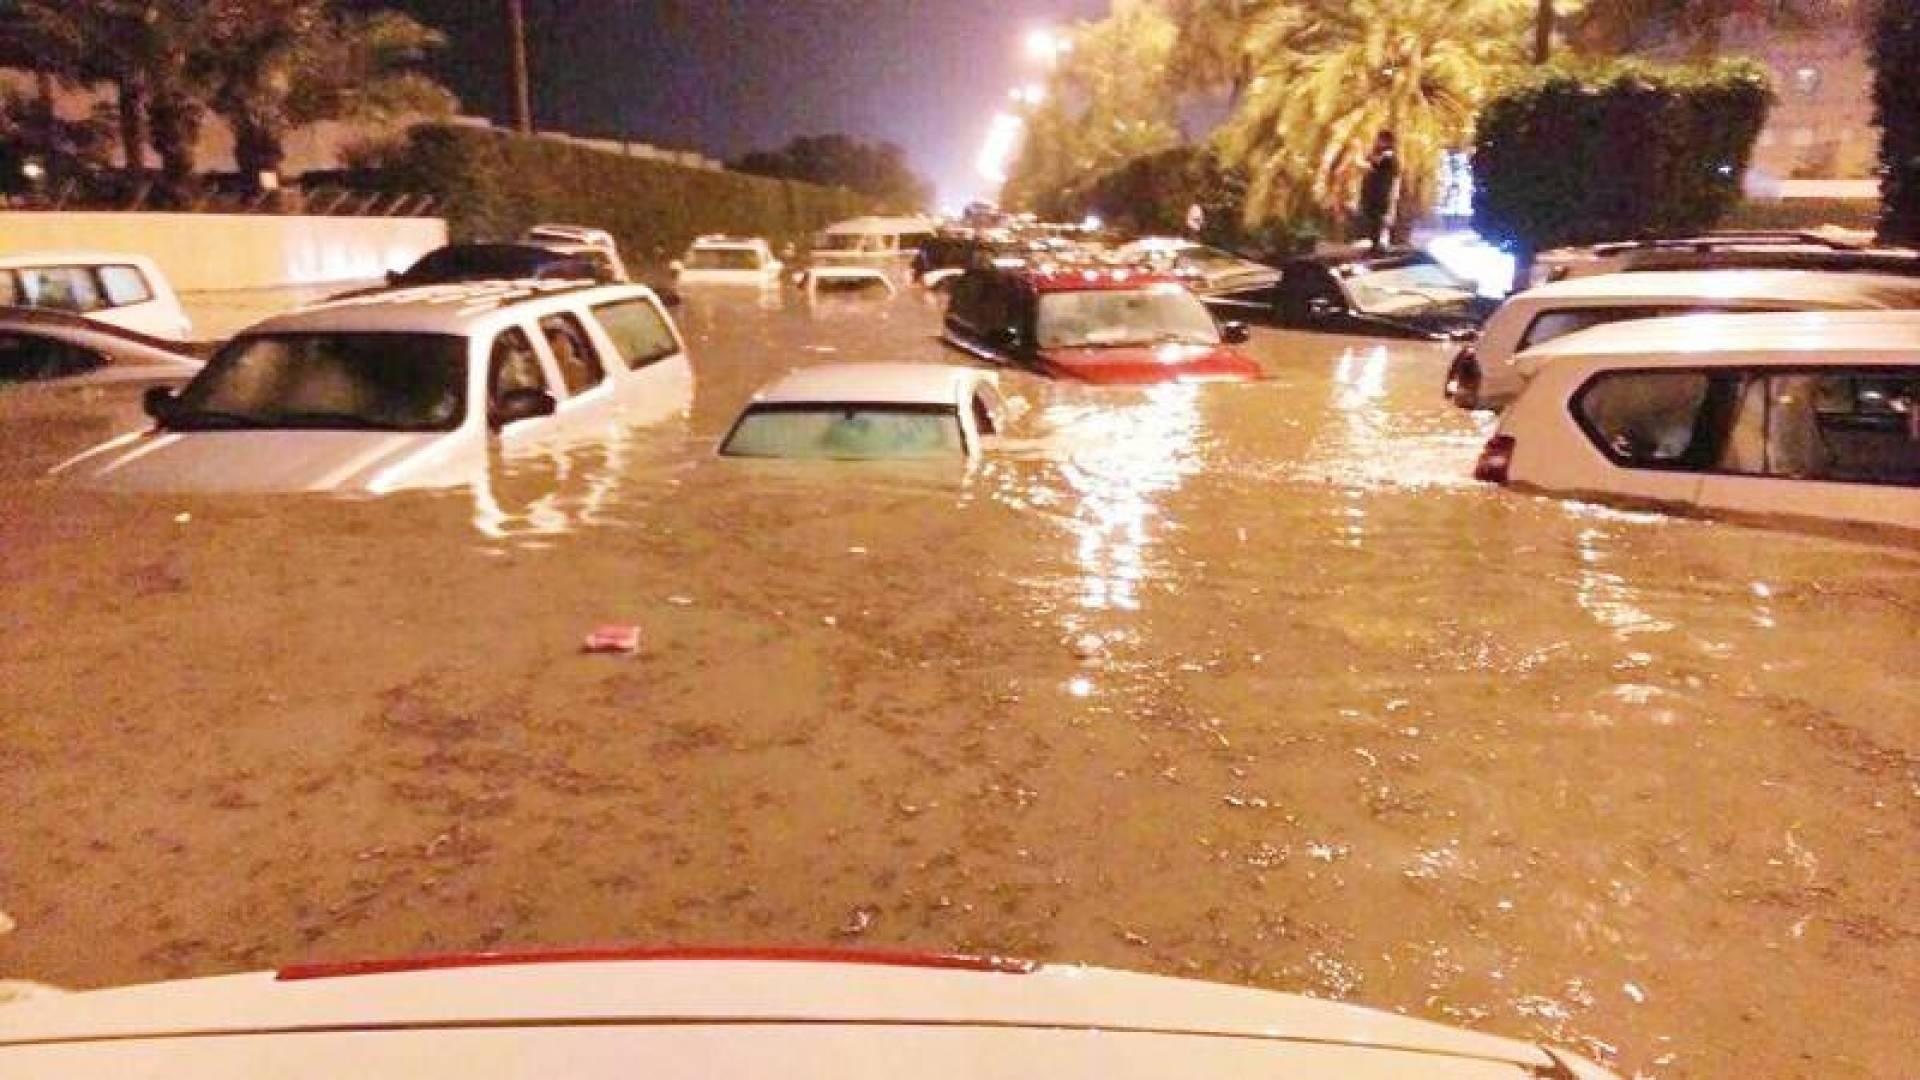 سيارات غارقة في مياه الأمطار المتراكمة (أرشيفية)